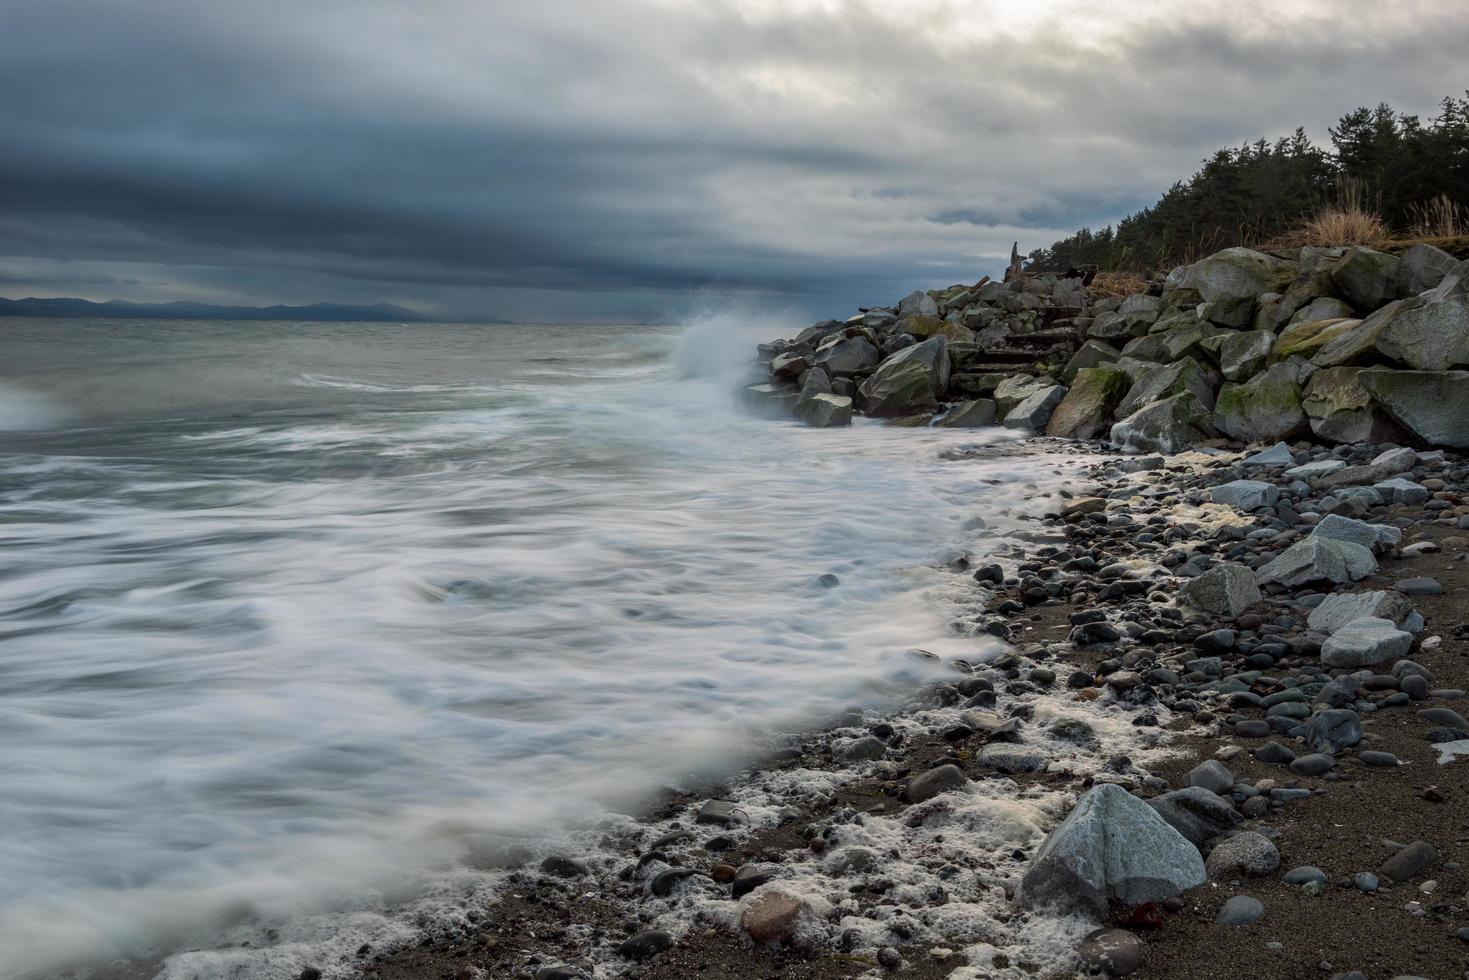 riva rocciosa sotto il cielo nuvoloso foto